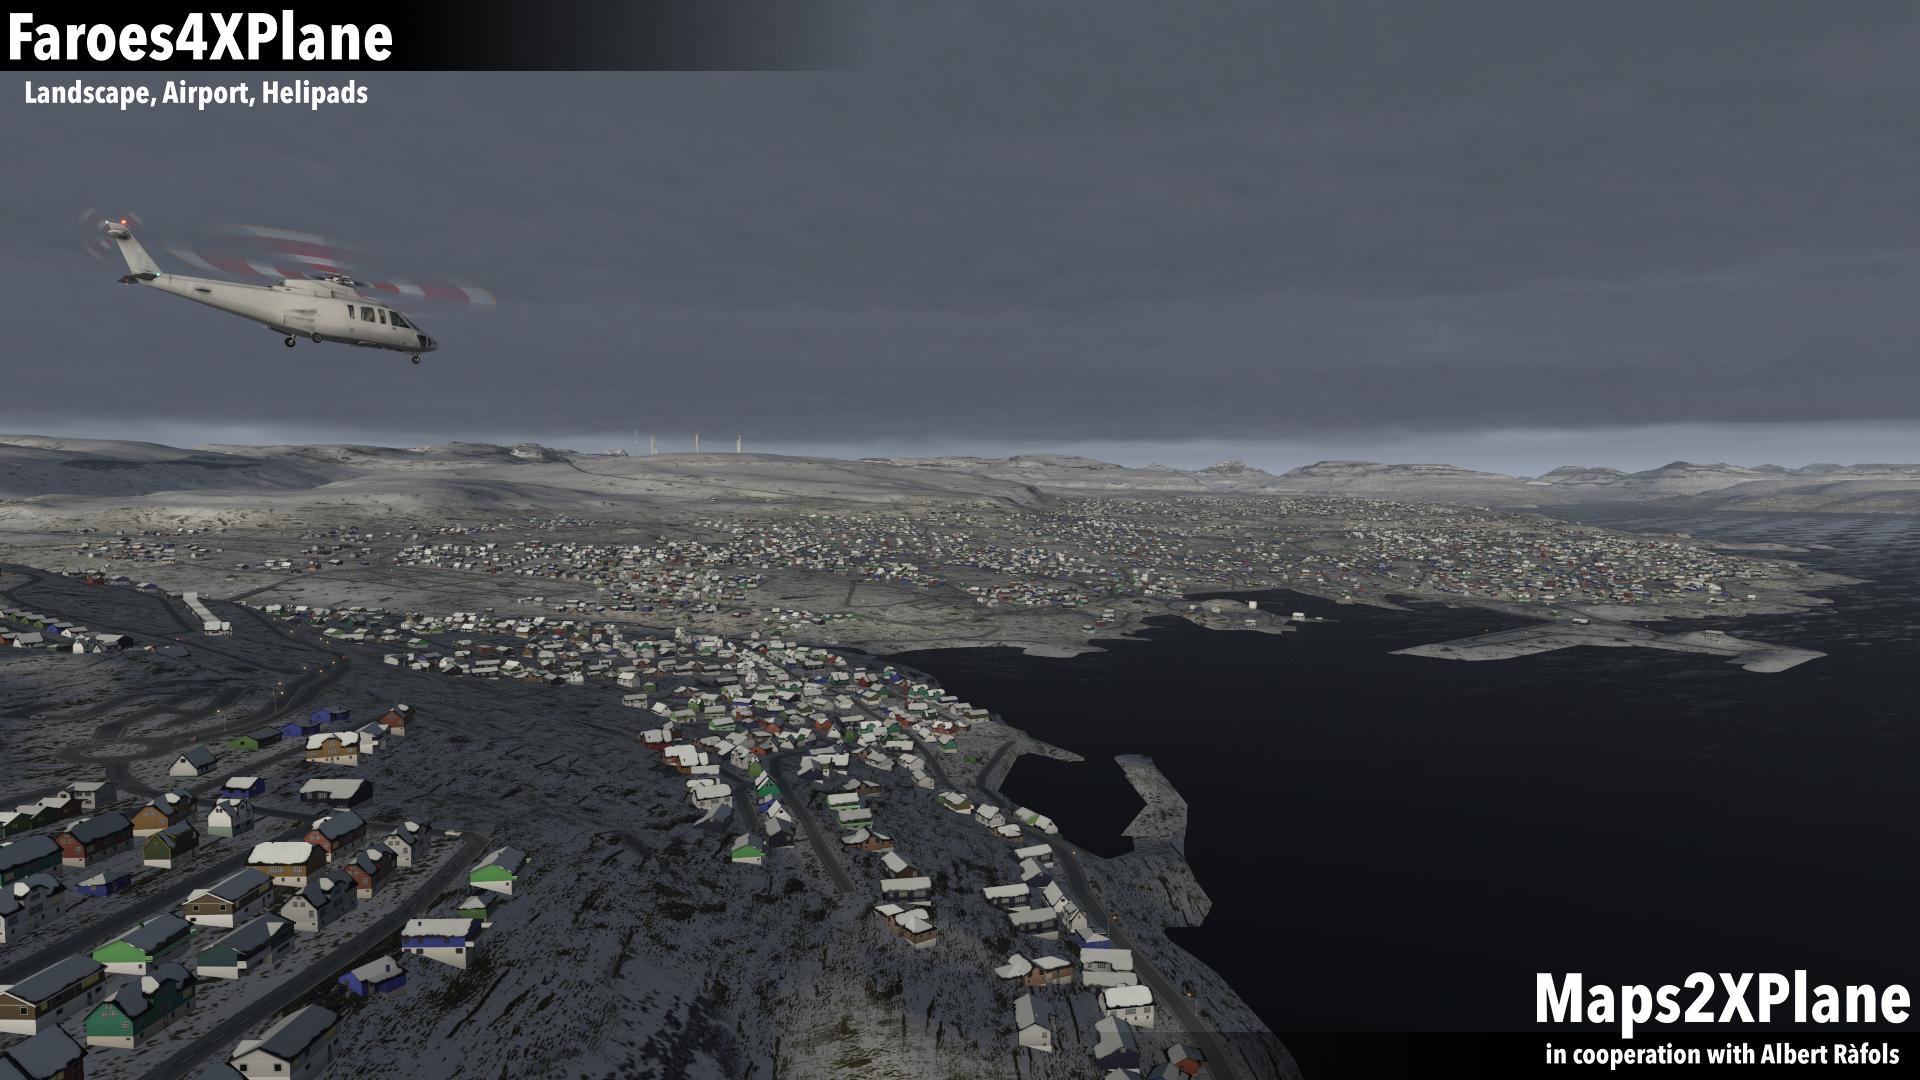 Faroes4XPlane_Release_EKTB_3.png